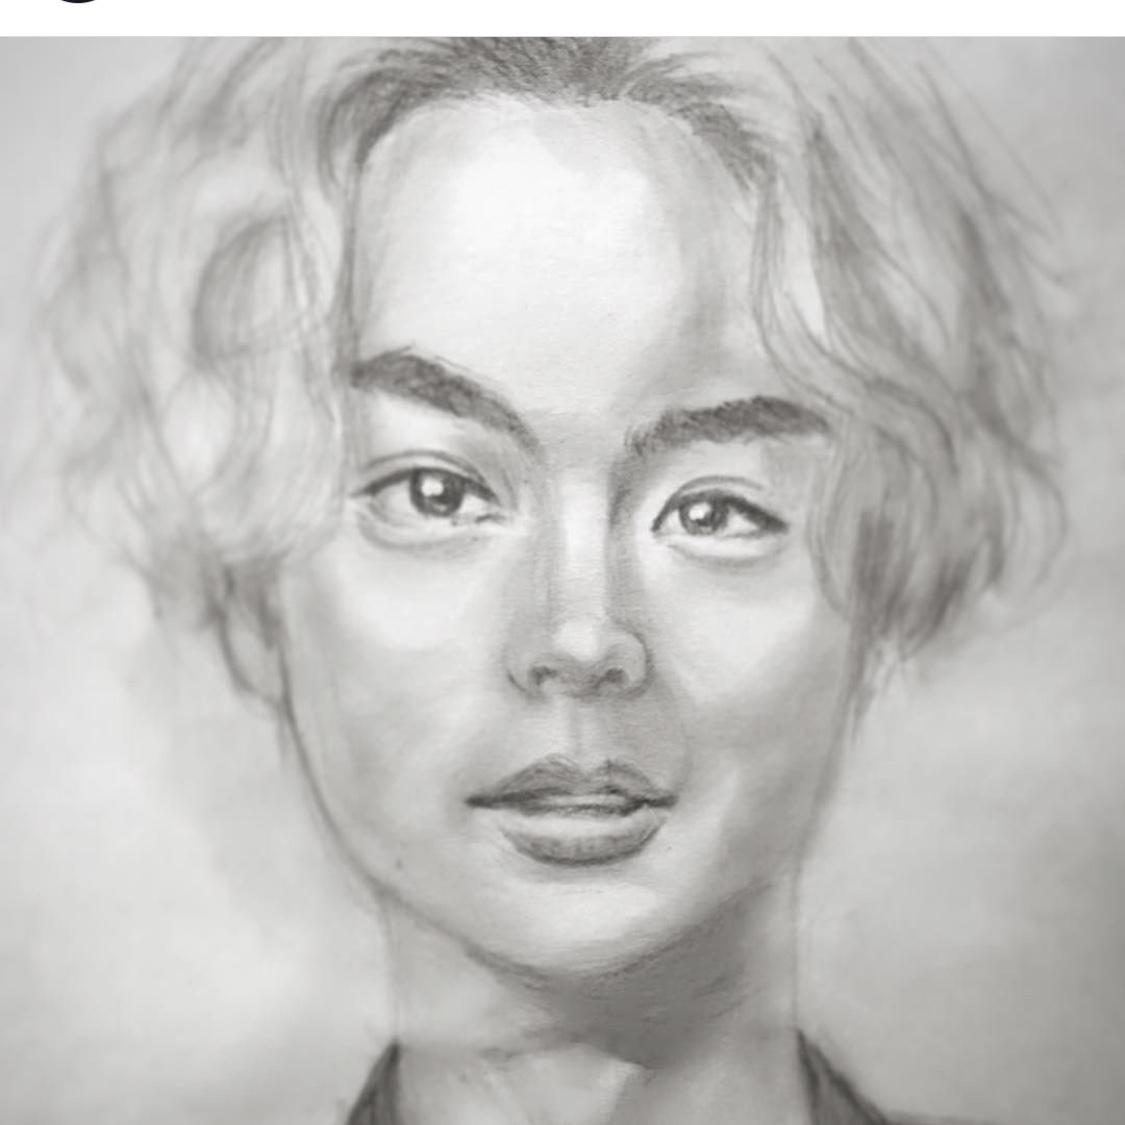 似ている似顔絵(ちょい盛り)描きます そっくりな似顔絵を気を使って2割増で描きます!